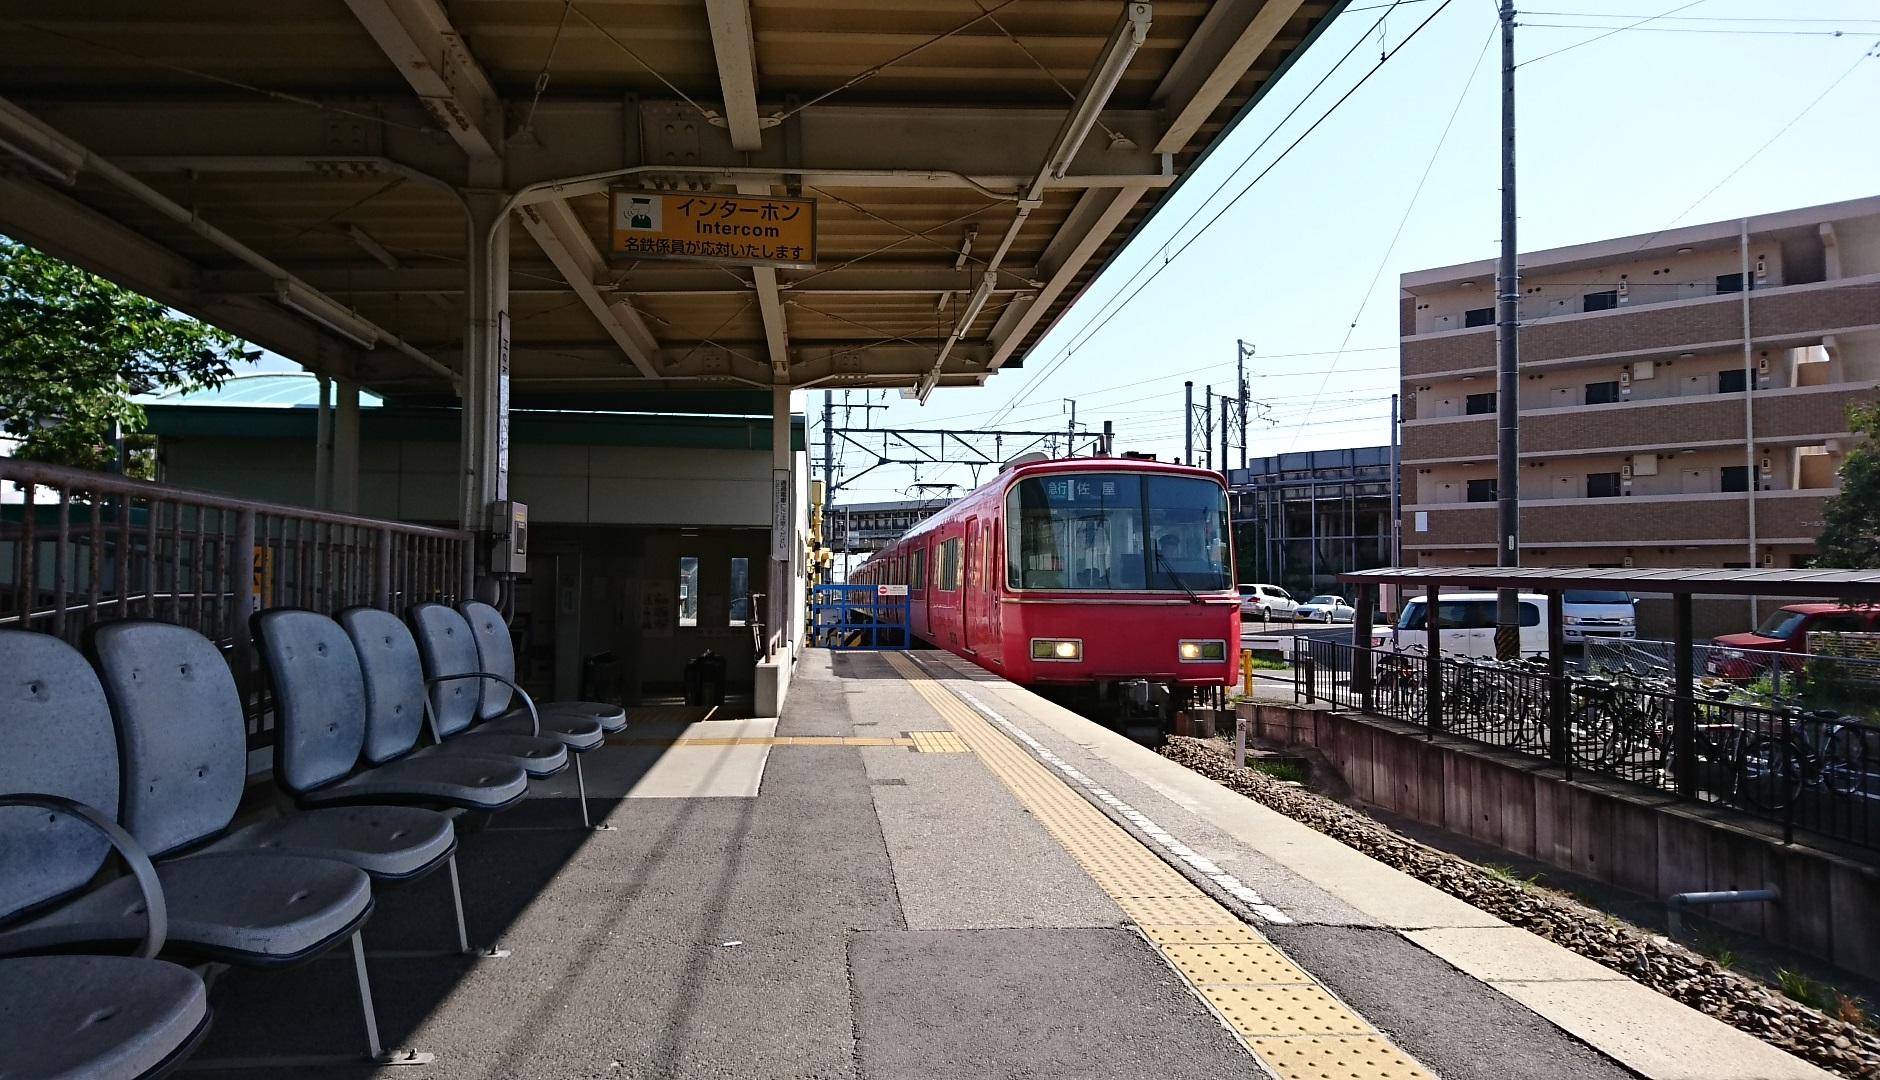 2018.4.29 西尾線 (1) 古井 - 佐屋いき急行(4両編成6500系きんぎょばち) 1880-1080